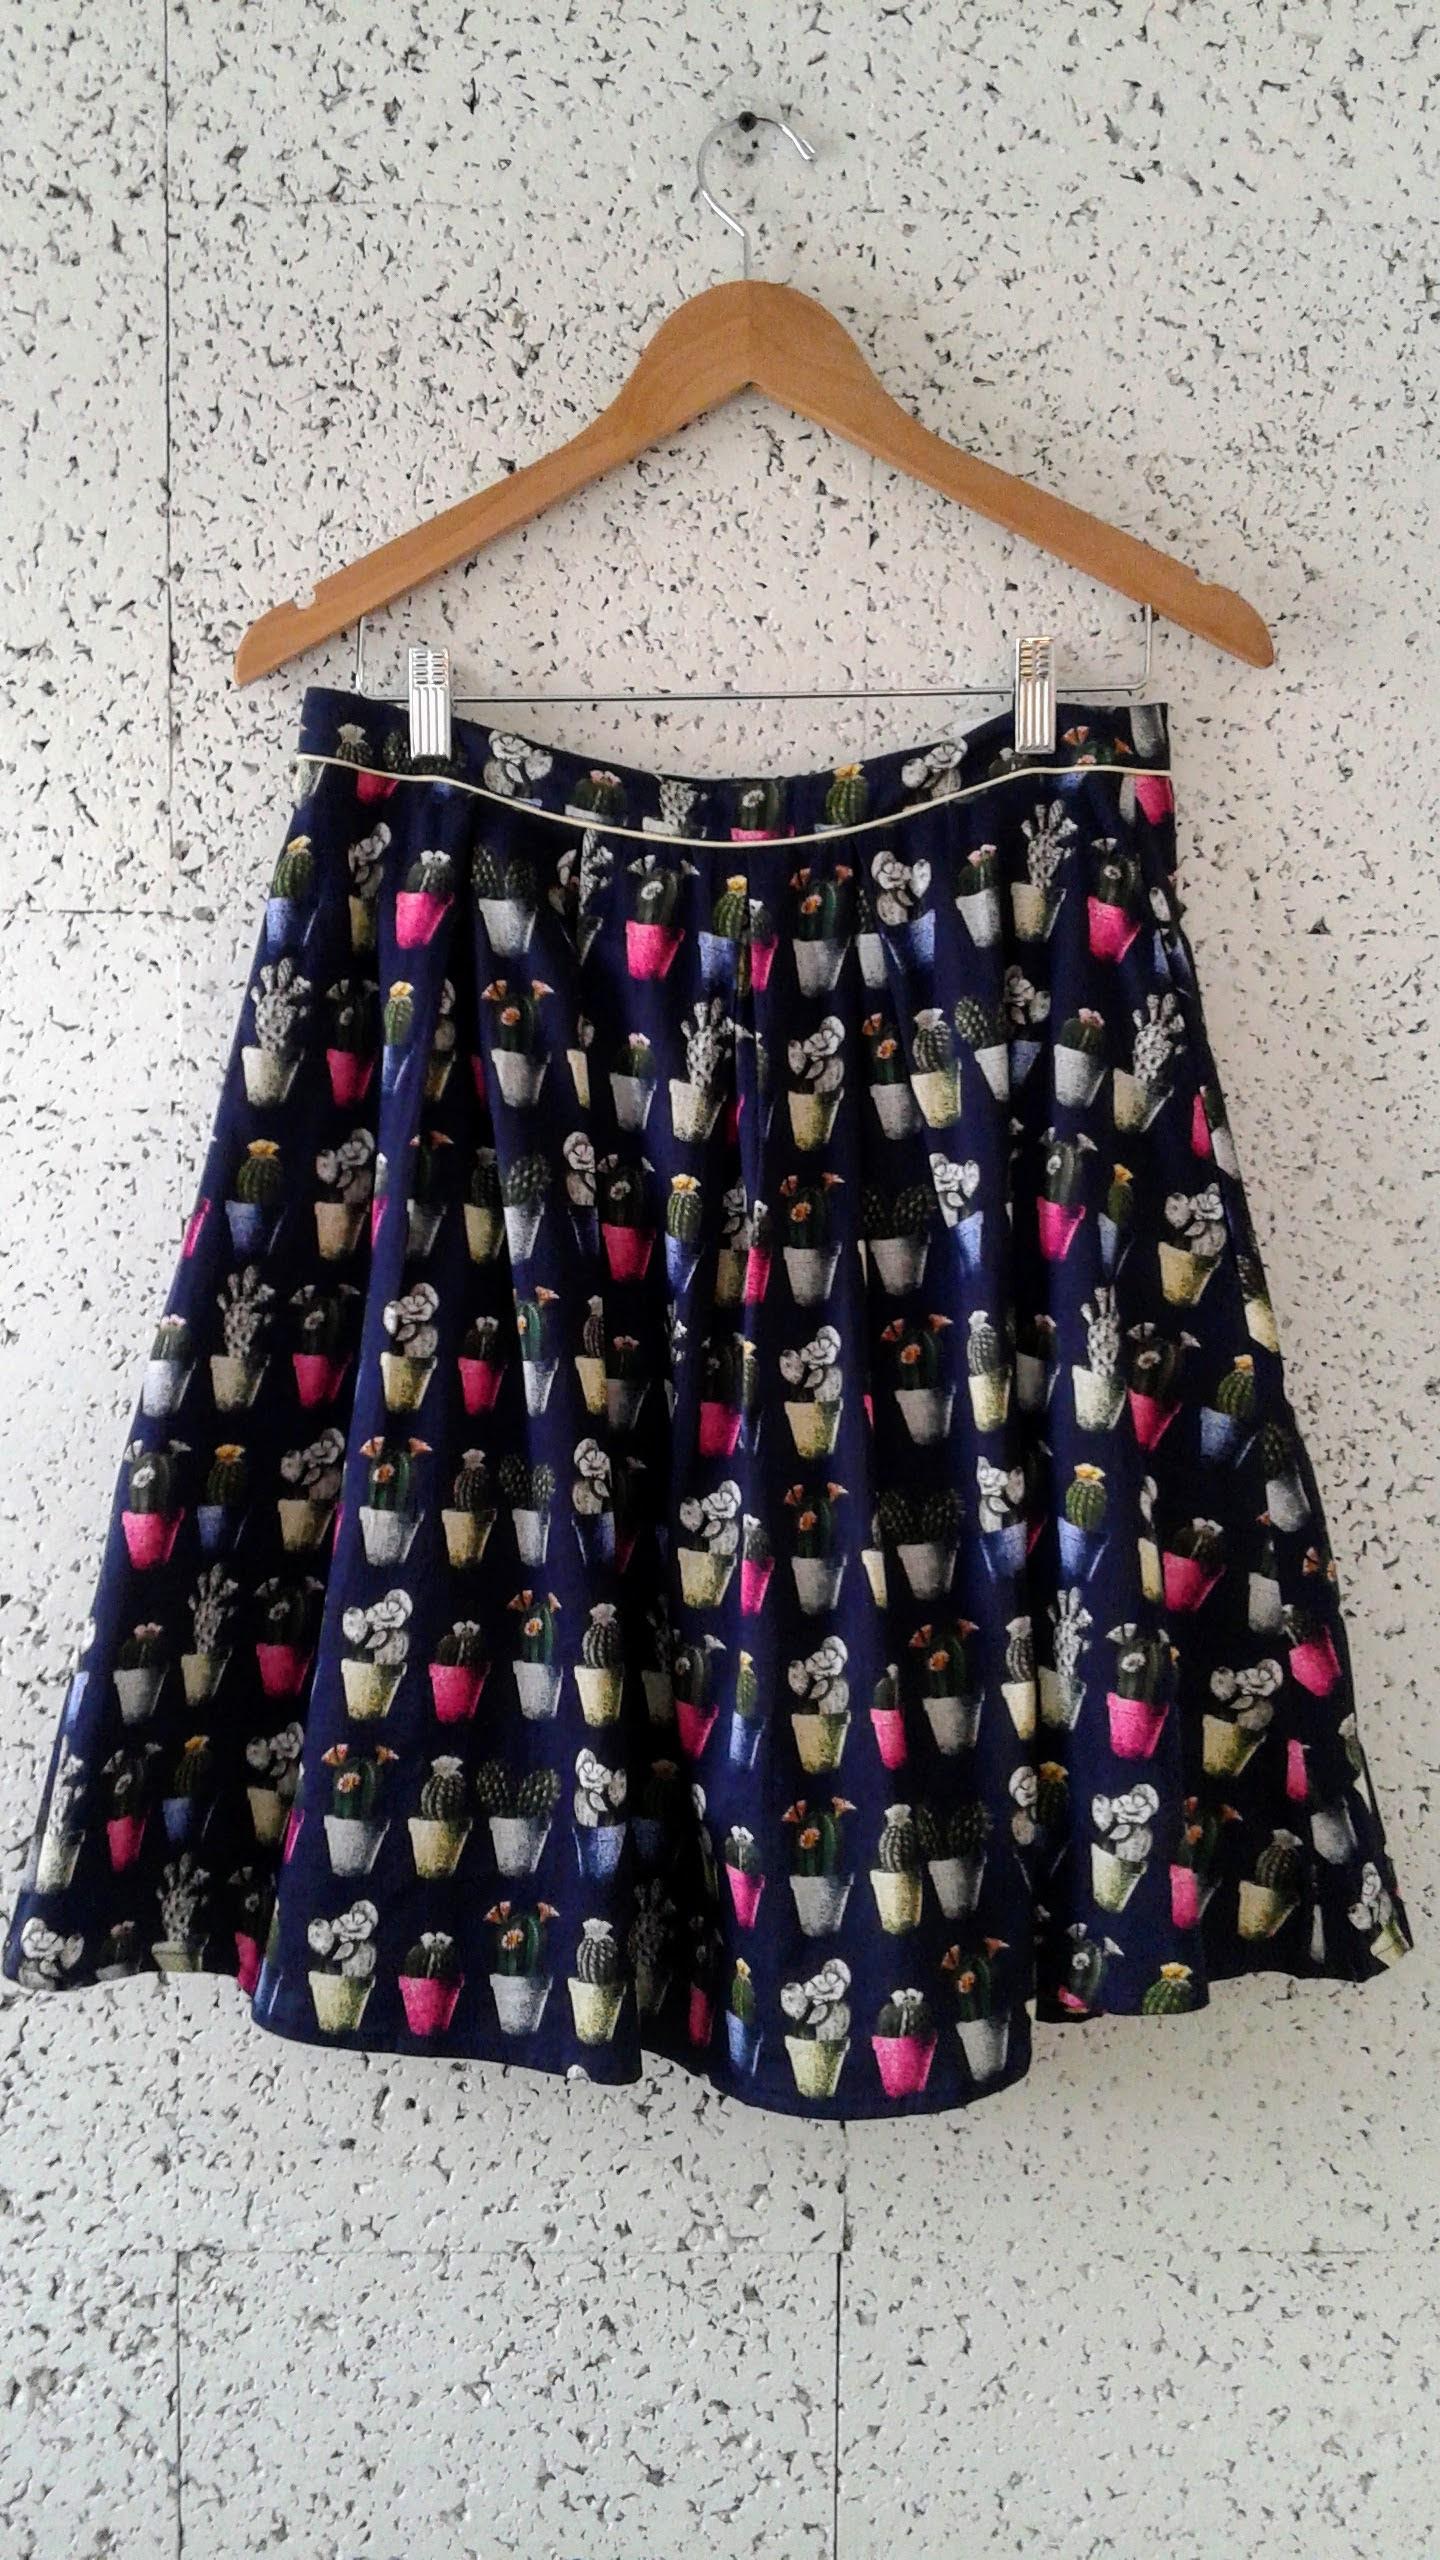 Yumi skirt; Size 8, $38